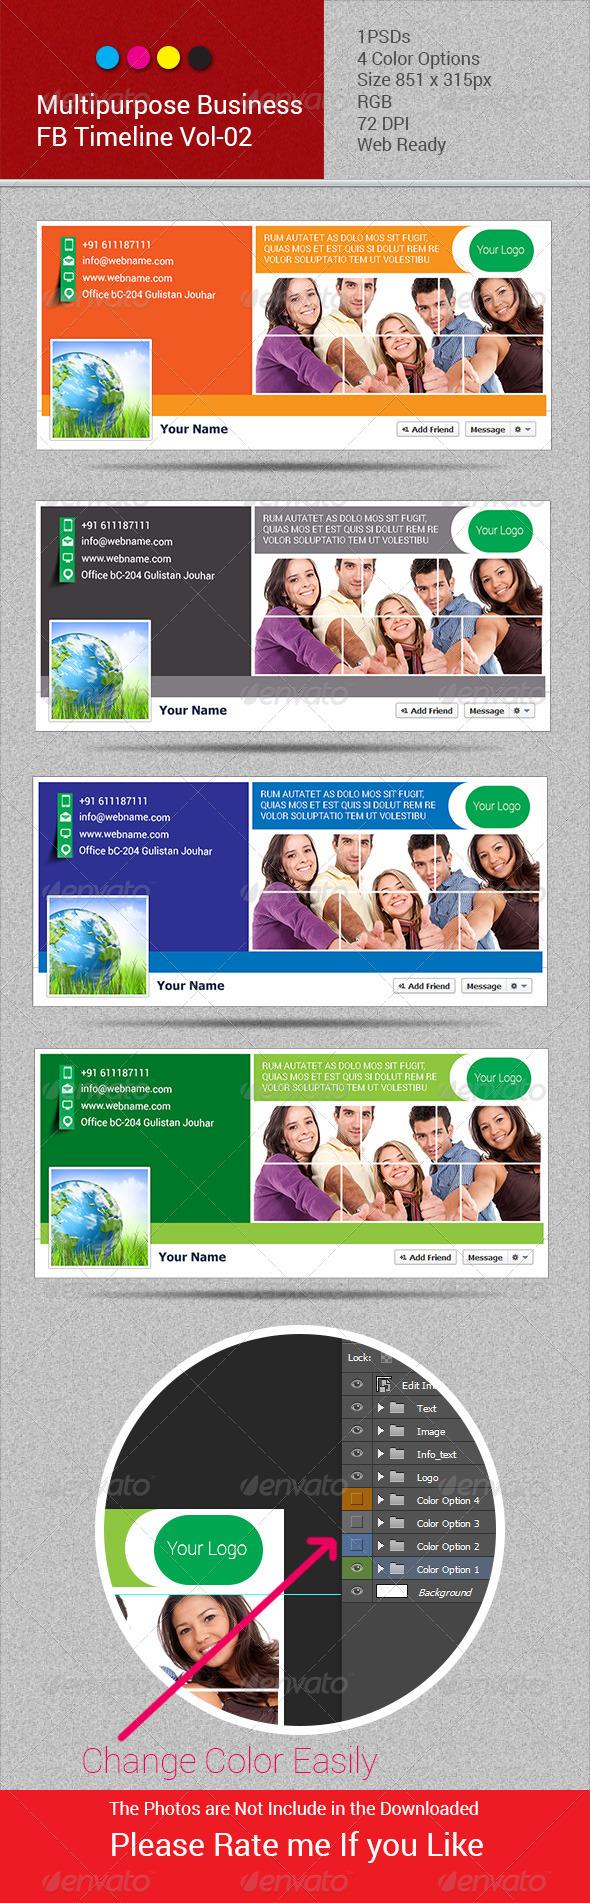 Multipurpose Business FB Timeline Vol-02 - Facebook Timeline Covers Social Media